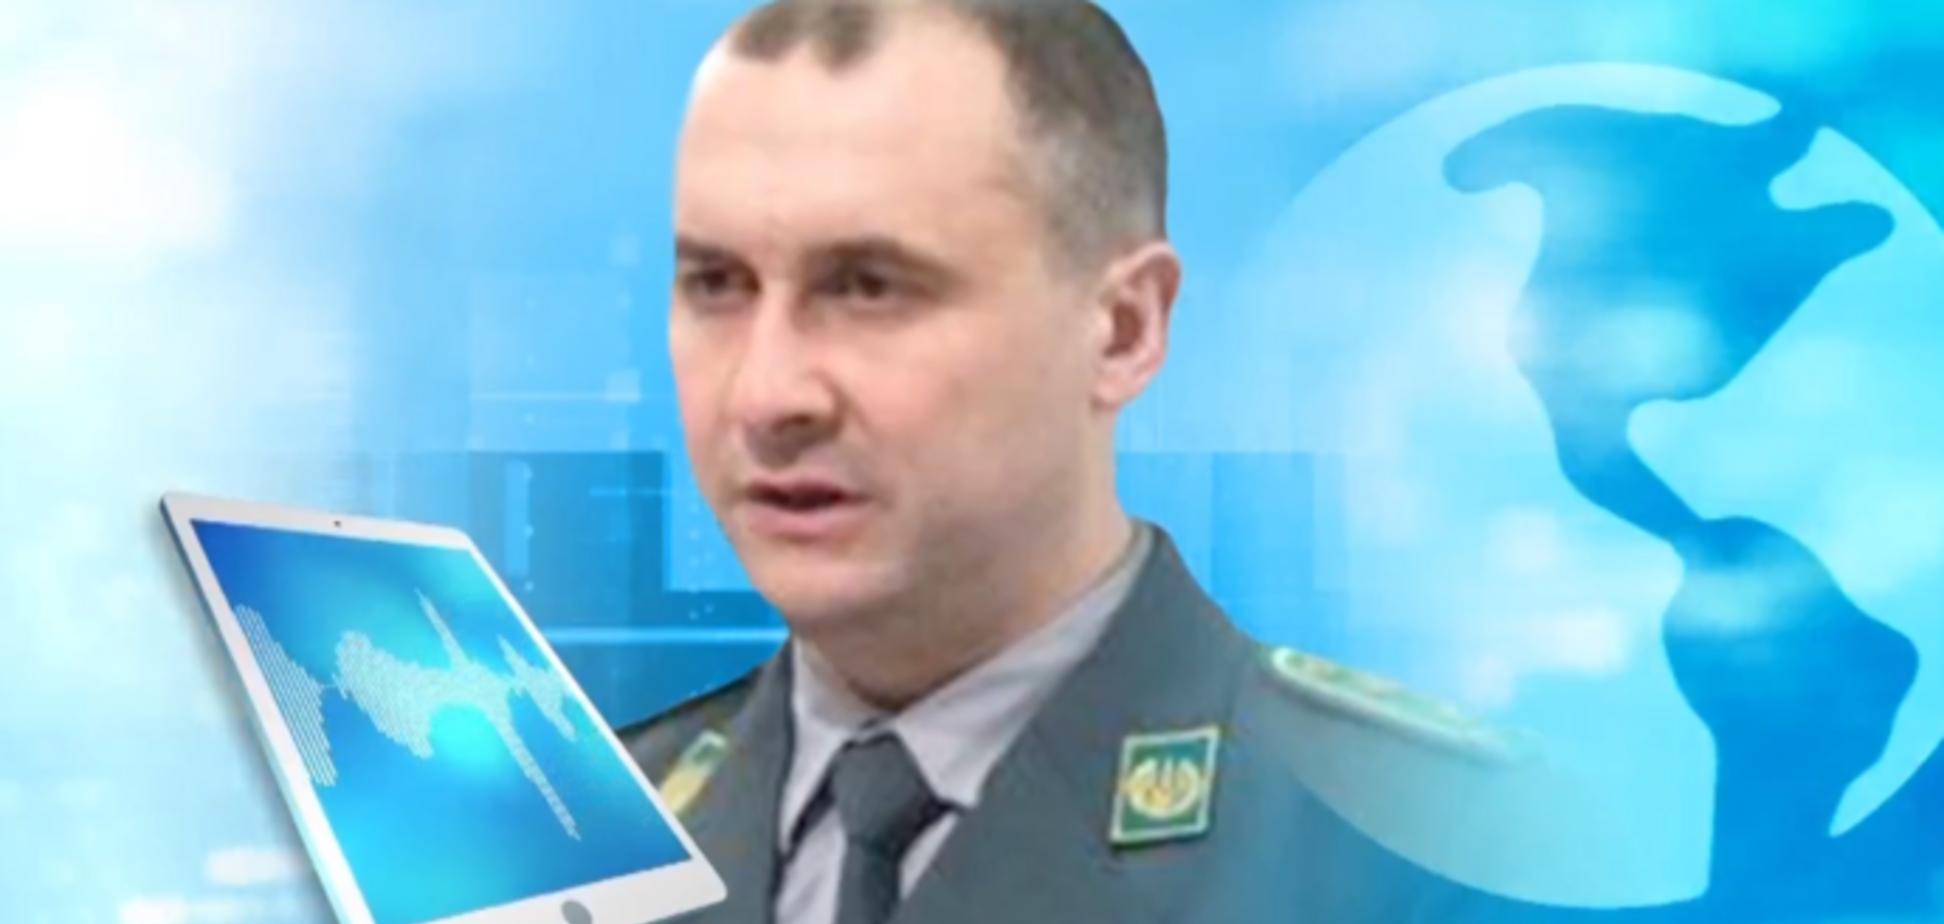 ''Георгіївські стрічки на кордоні'': в Держприкордонслужбі розповіли про інциденти